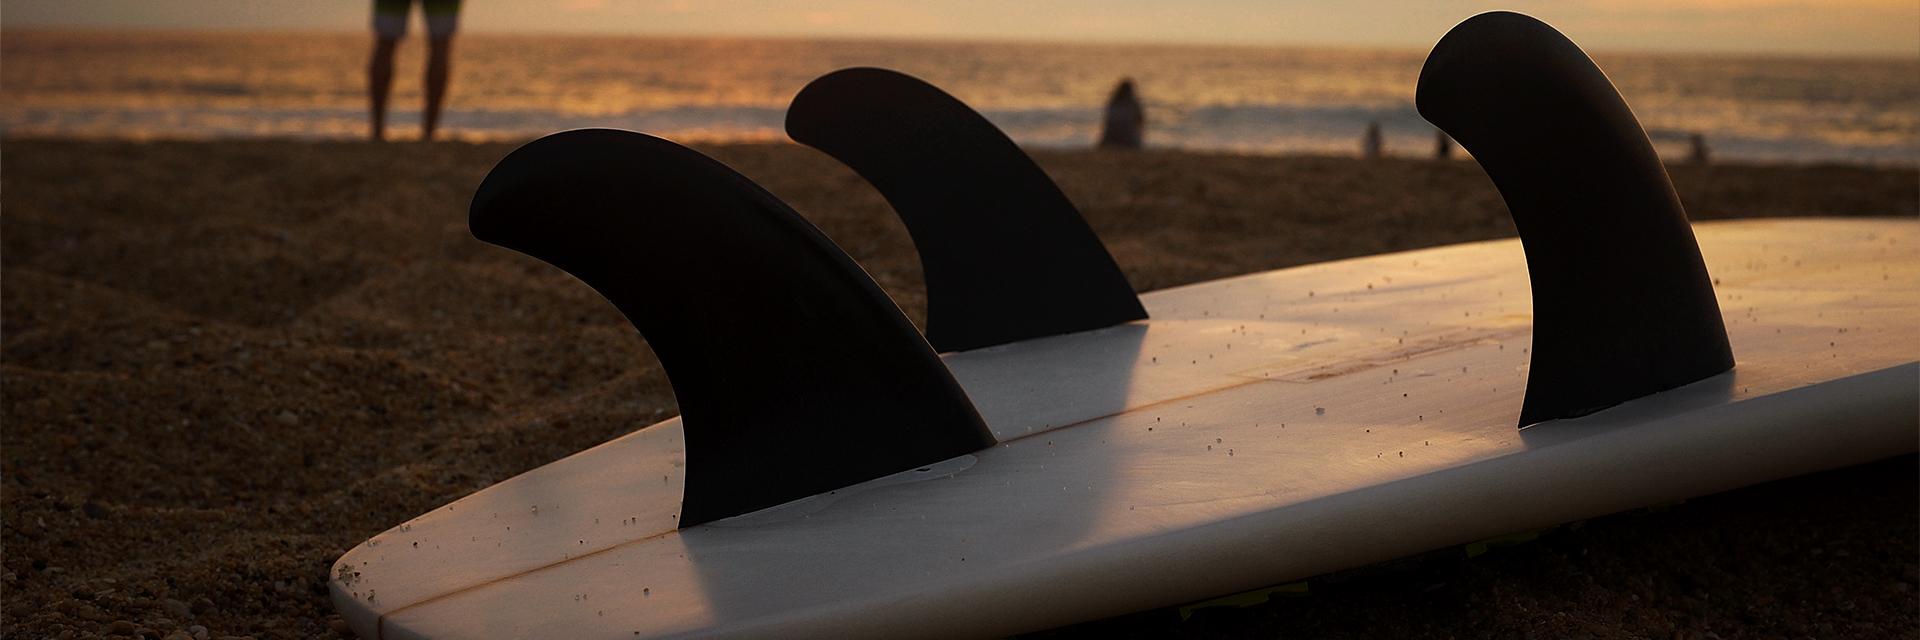 surfboard op het strand met ondergaande zon